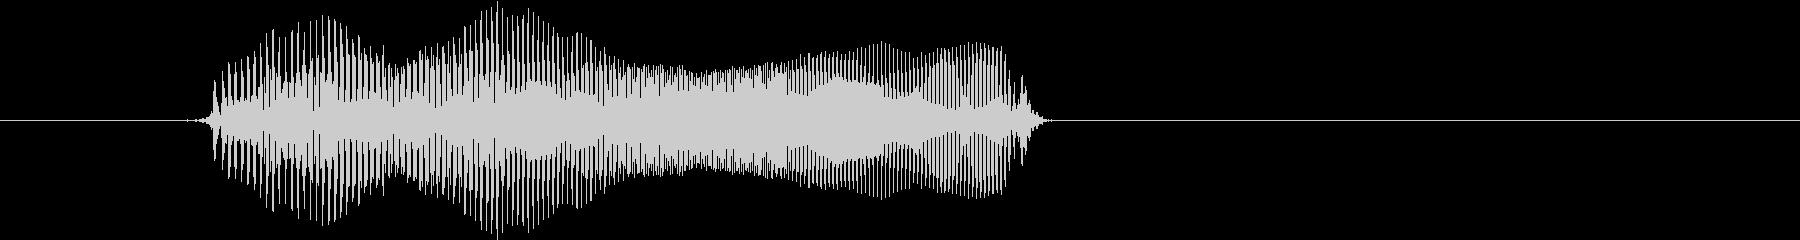 「オヨヨ」の未再生の波形